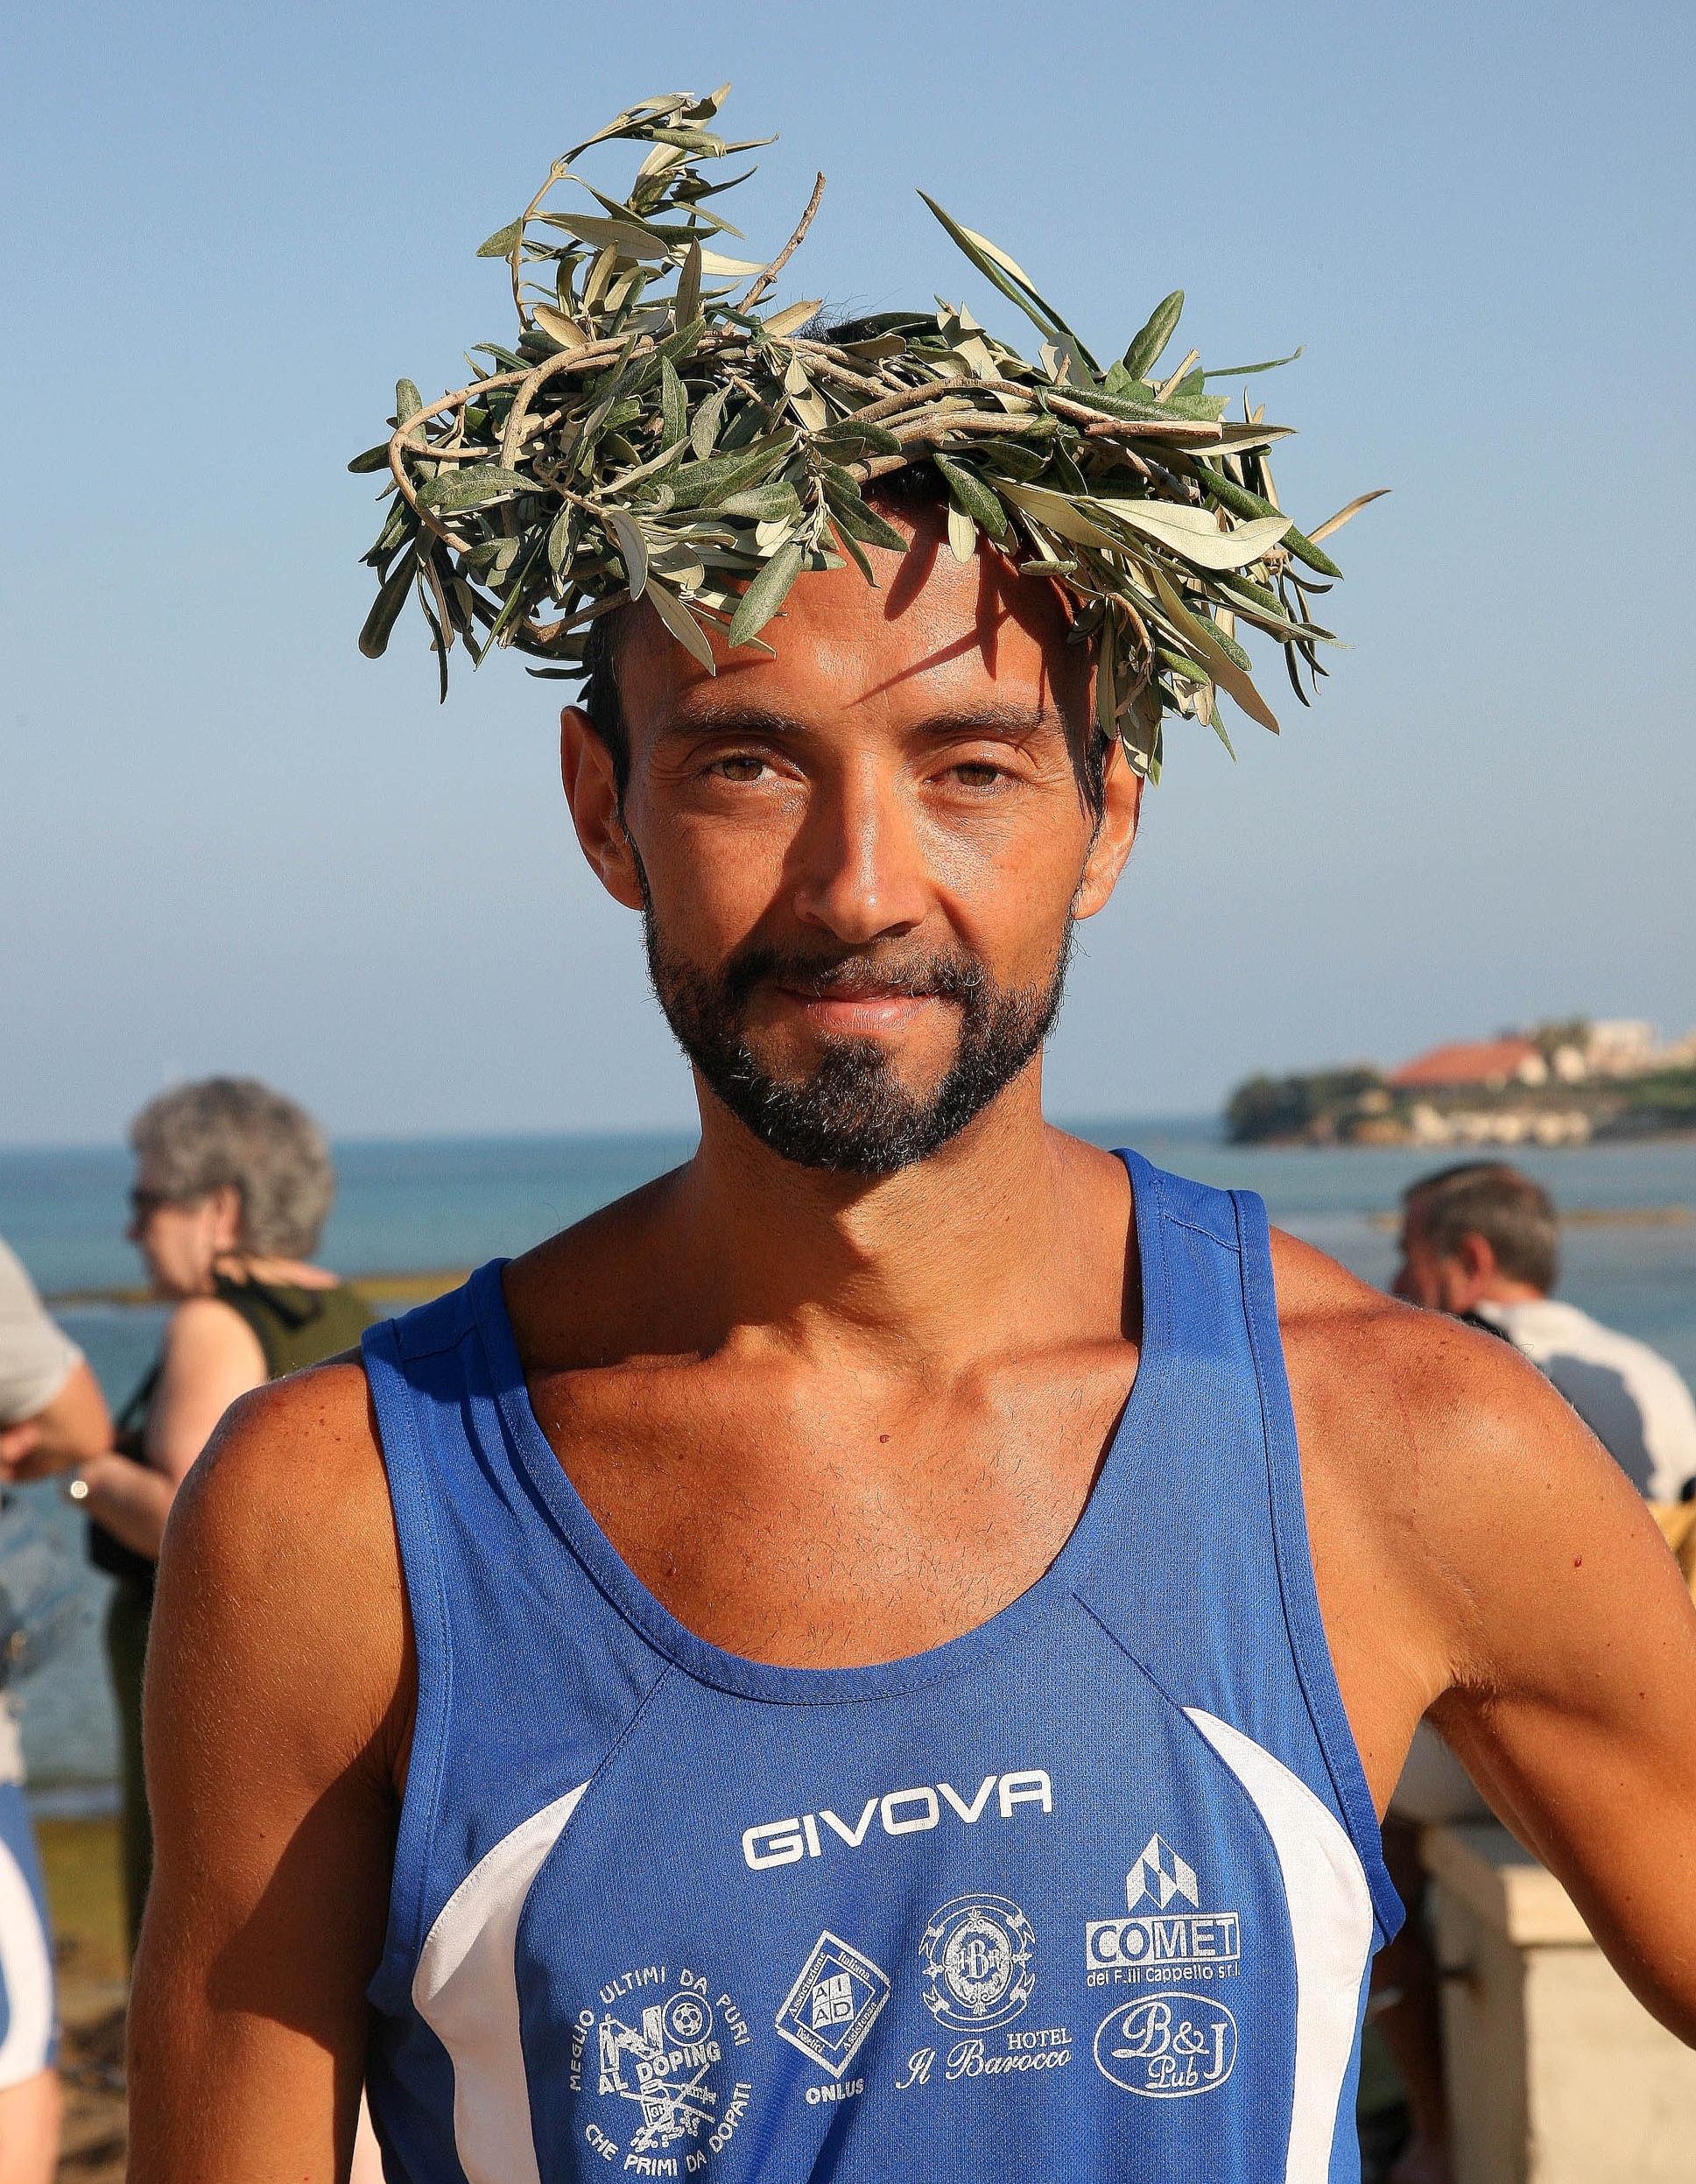 https://www.ragusanews.com//immagini_articoli/10-08-2014/1407690067-1-al-via-la-maratona-alla-filippide.jpg